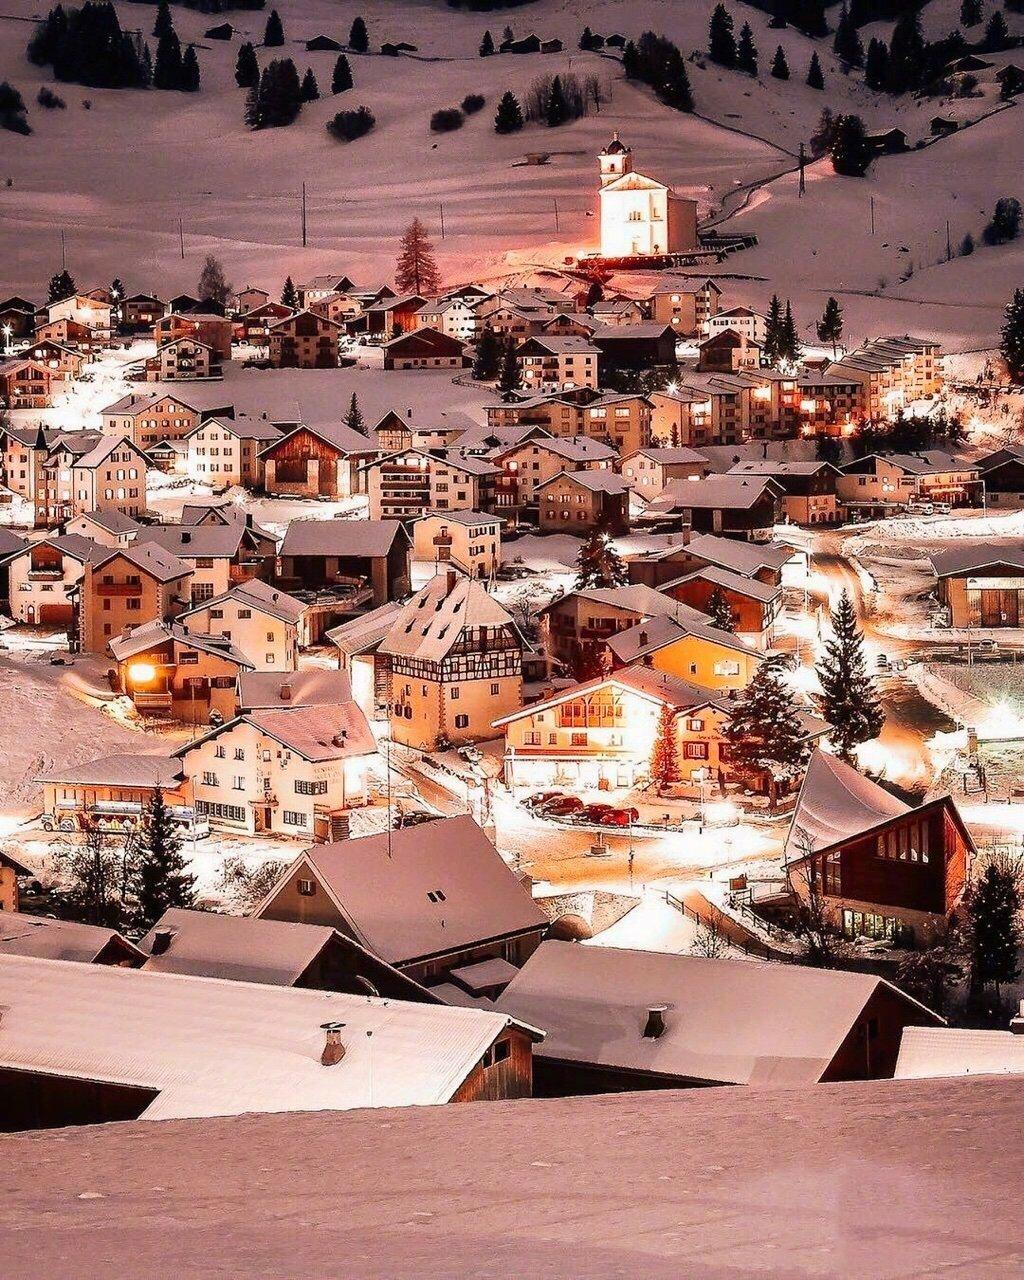 童话世界般的瑞士冬夜